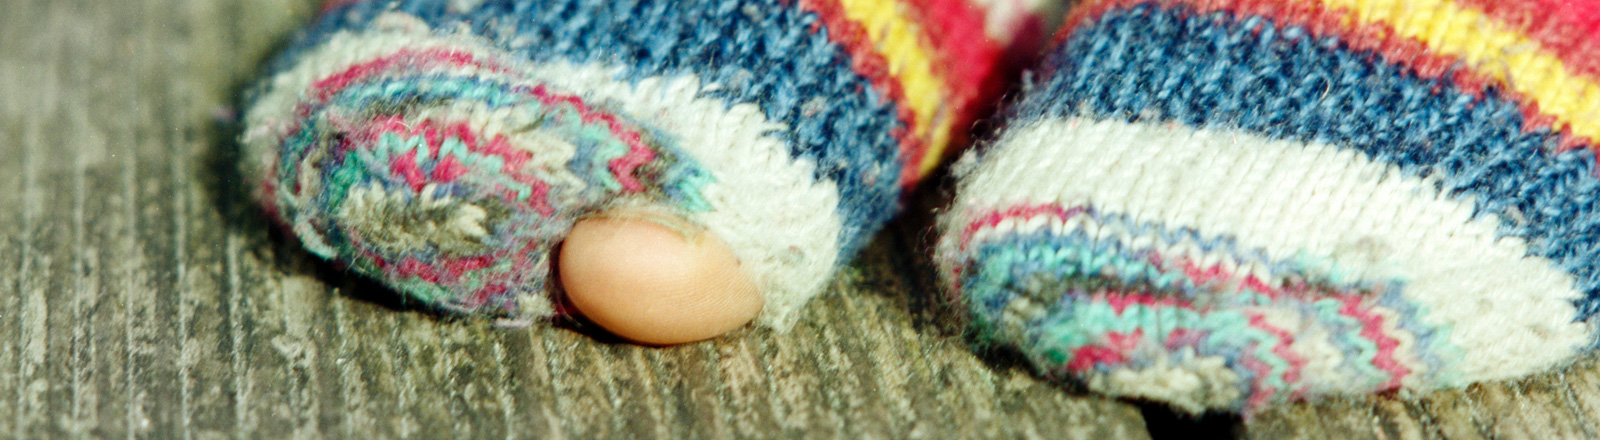 Ein großer Zeh schaut durch ein Loch in einer Socke nach draußen